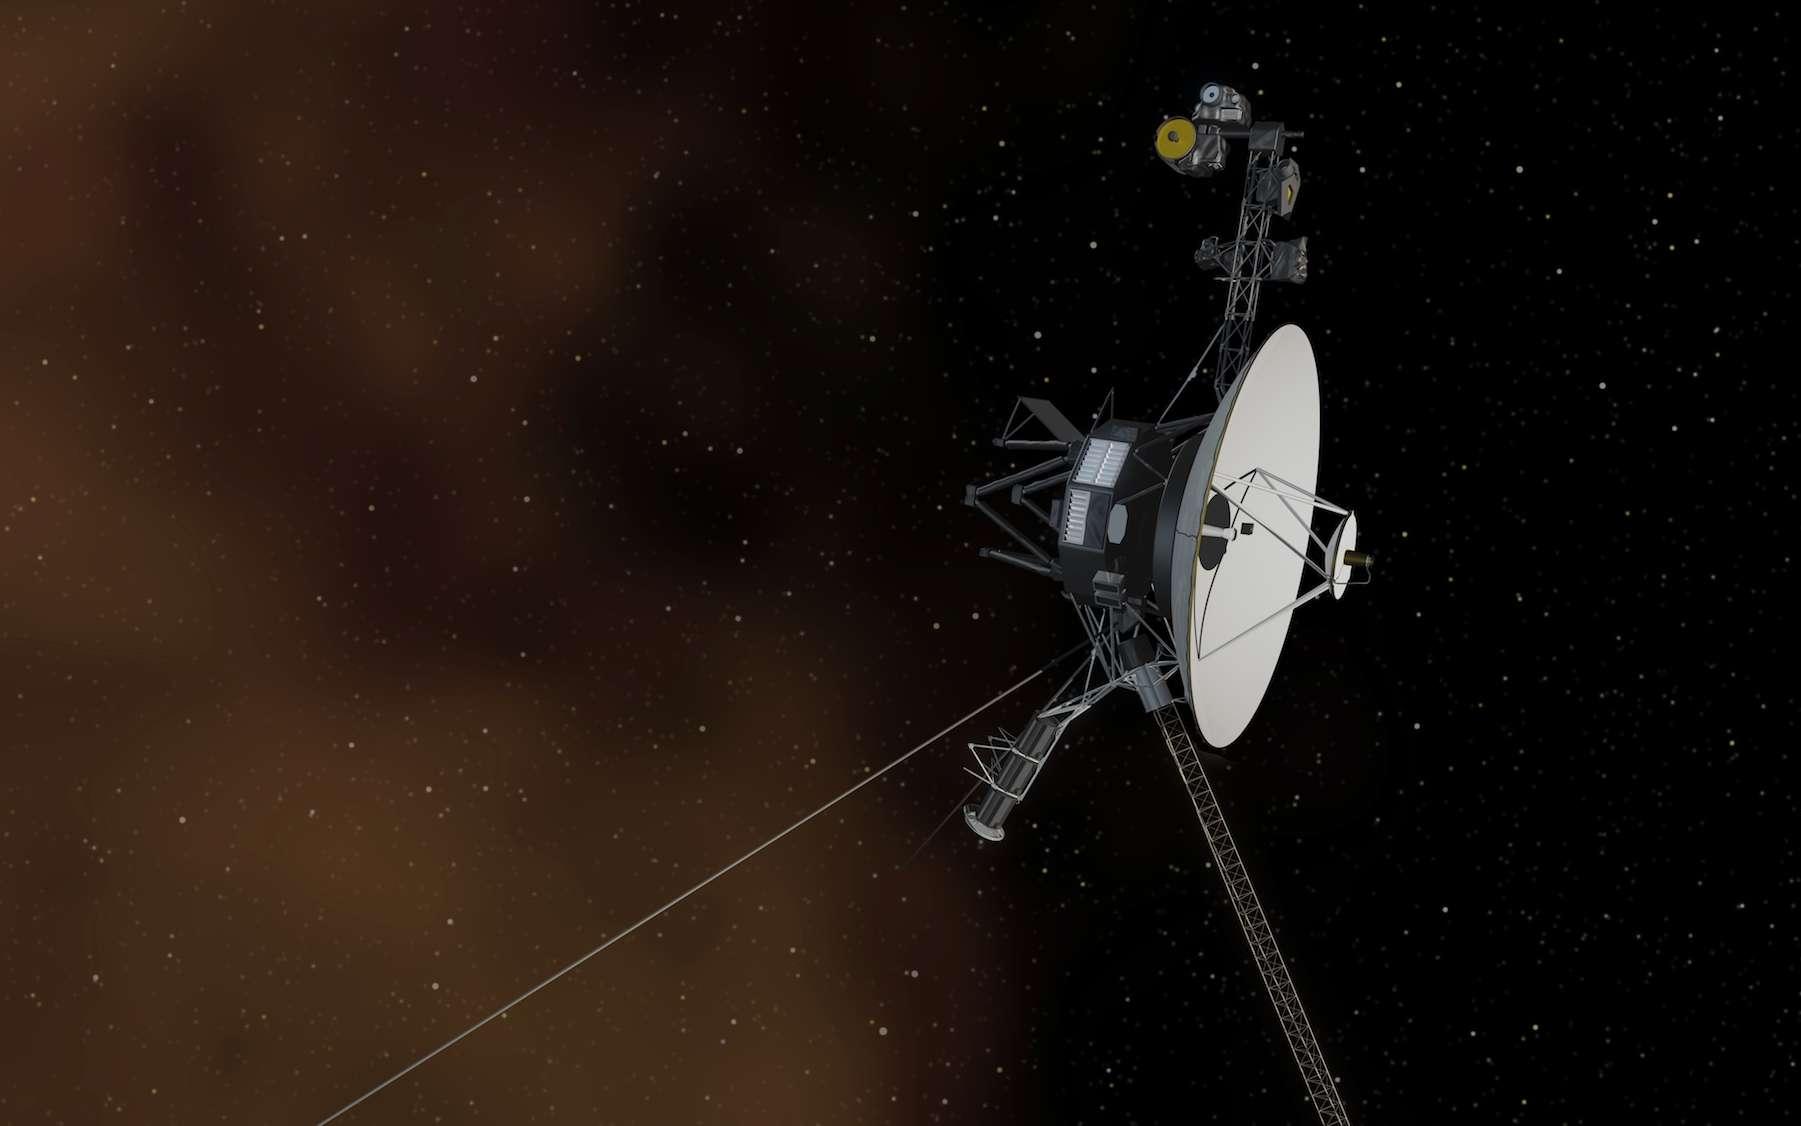 Illustration de Voyager 1 voguant dans l'espace interstellaire. © Nasa, JPL